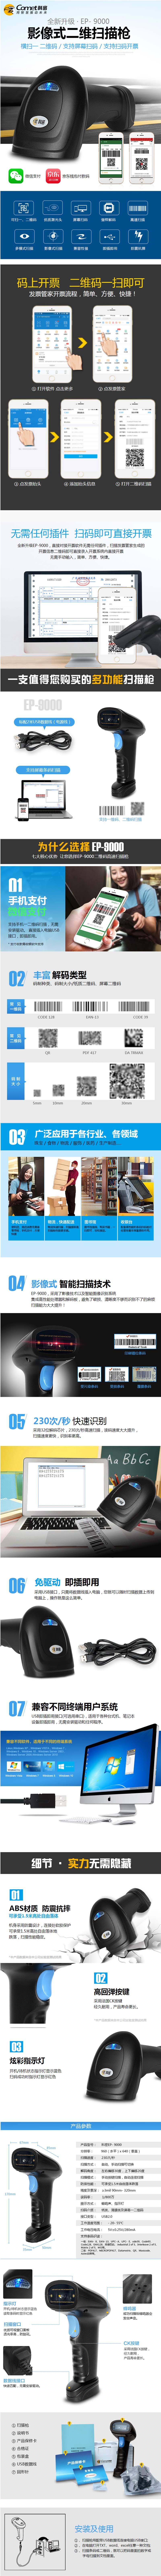 科密 EP-9000一二维码USB扫描枪 微信收银屏幕支付开票中文条码枪